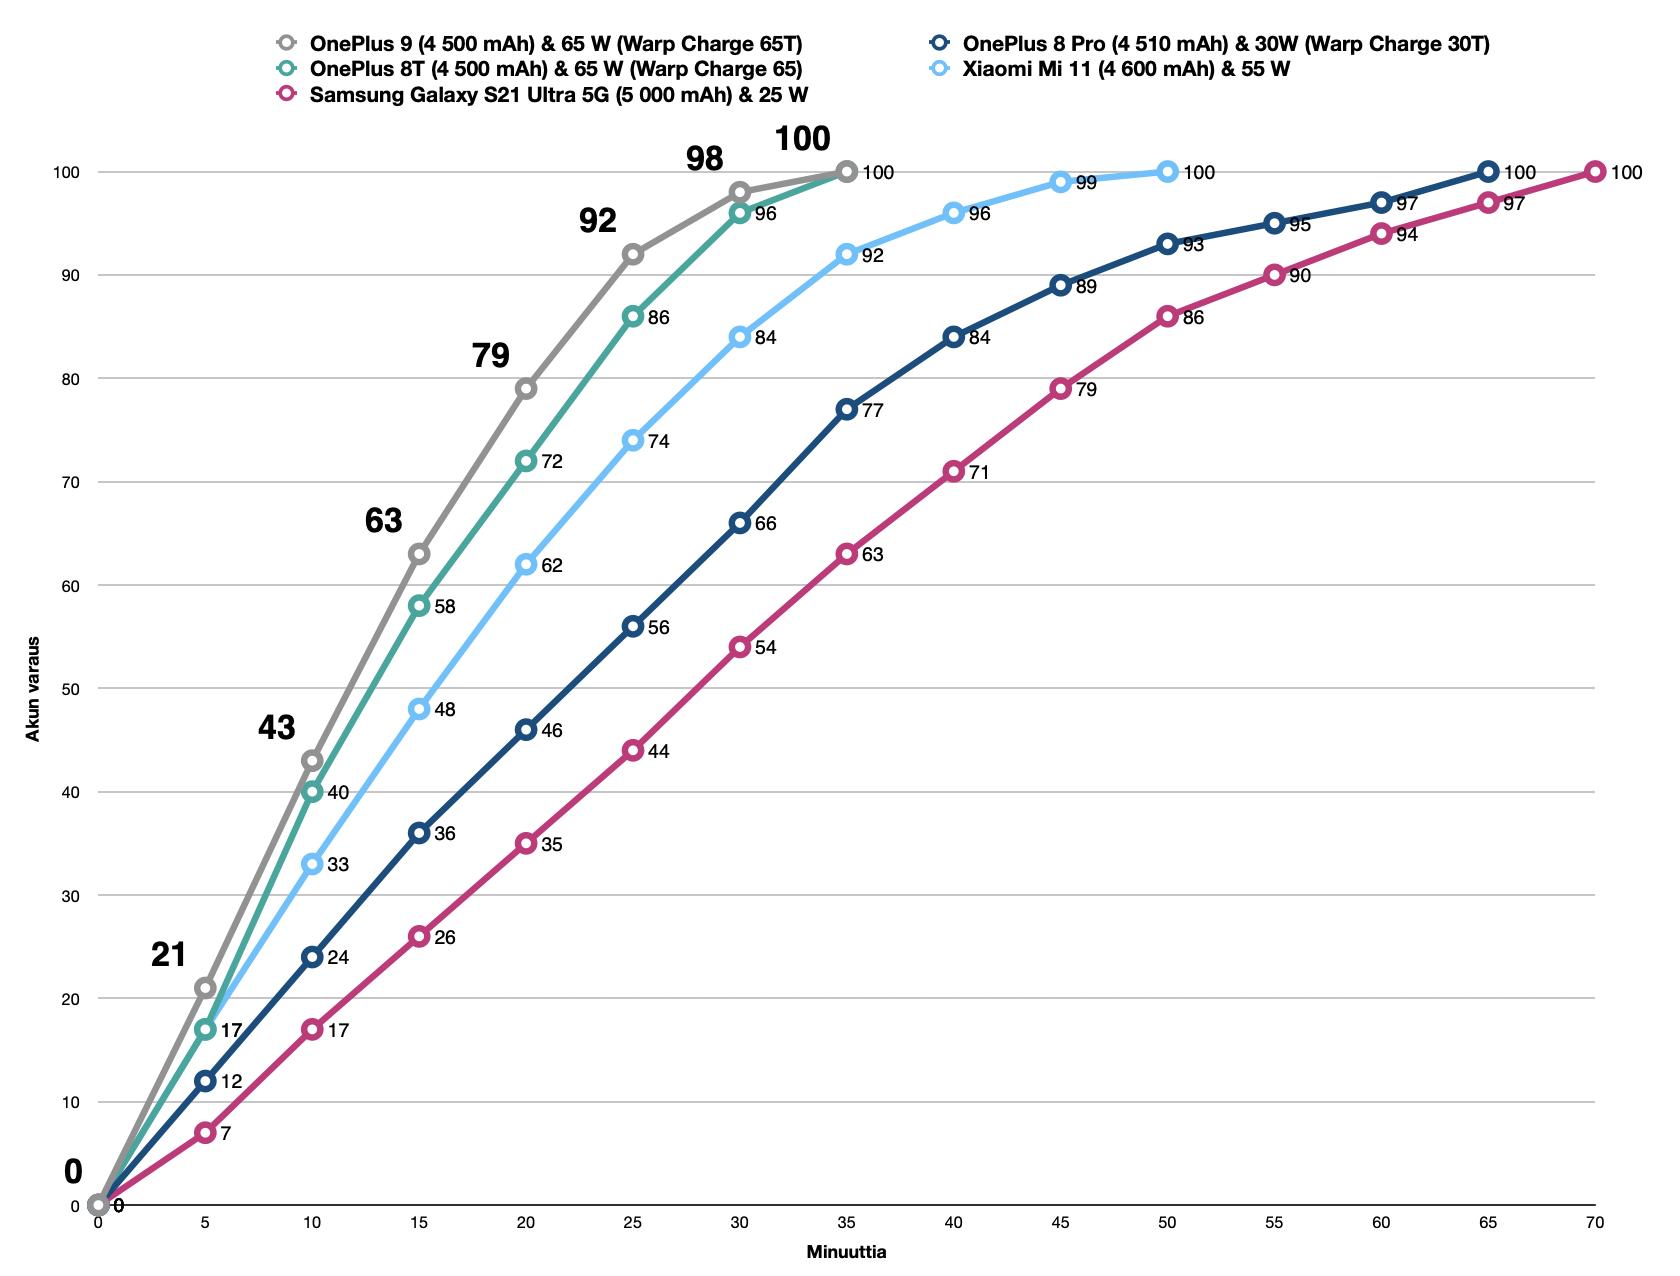 OnePlussan 65 watin lataus on entistä nopeampi myös OnePlus 9:ssä.